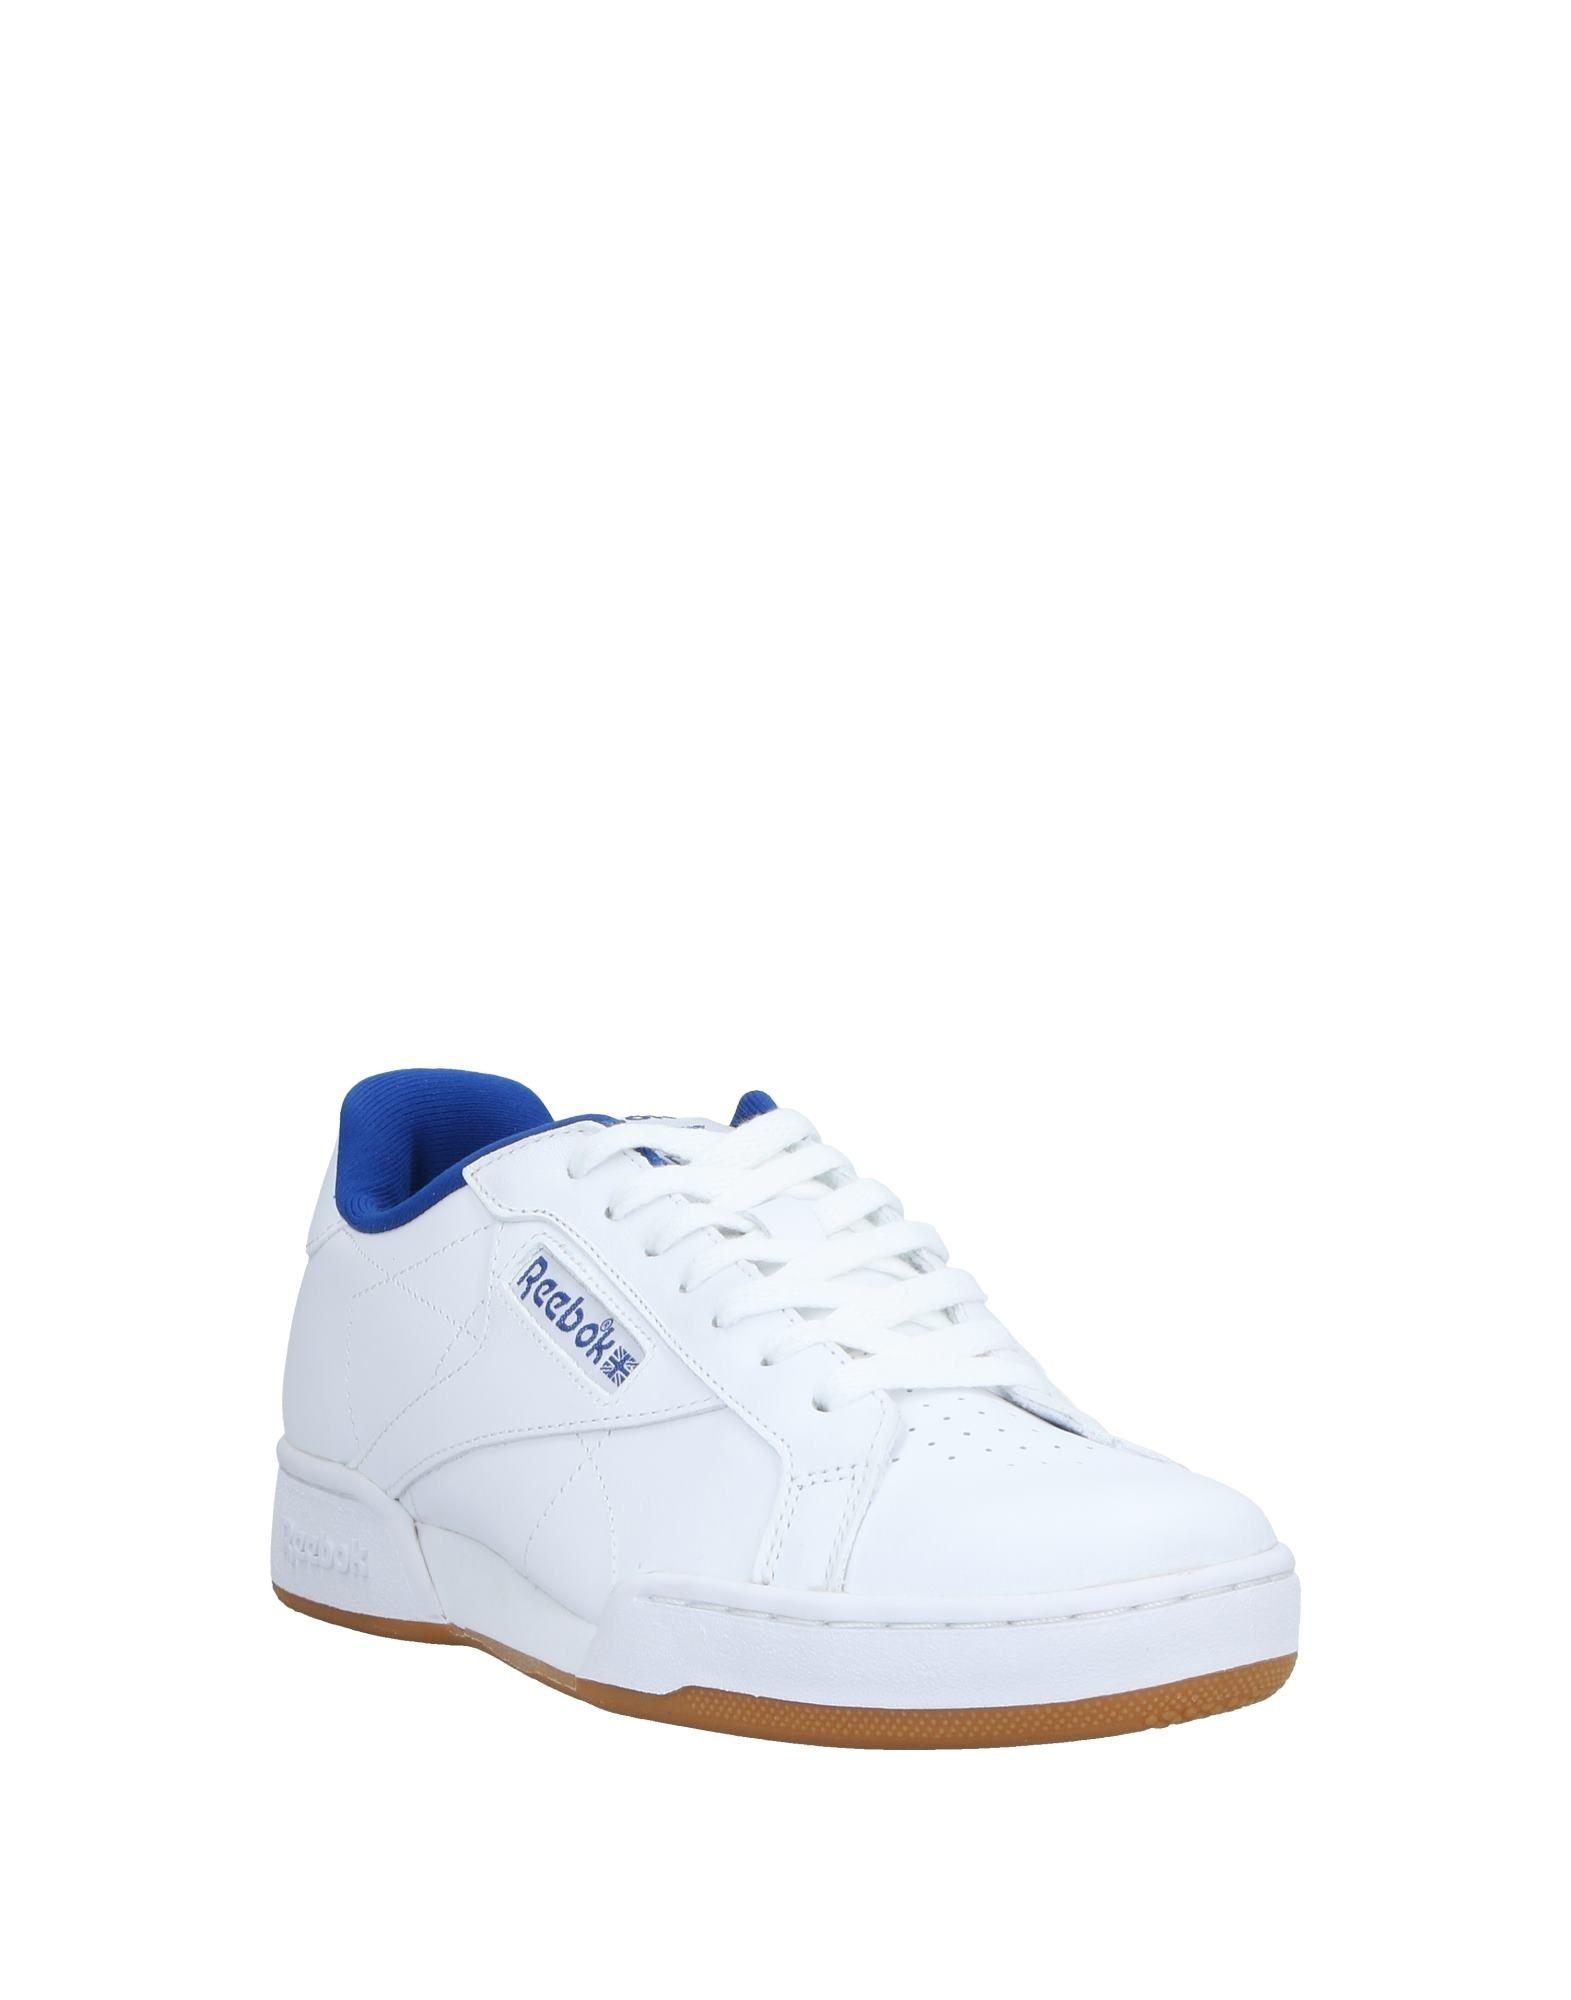 Moda Sneakers Reebok Uomo - 11533296OW